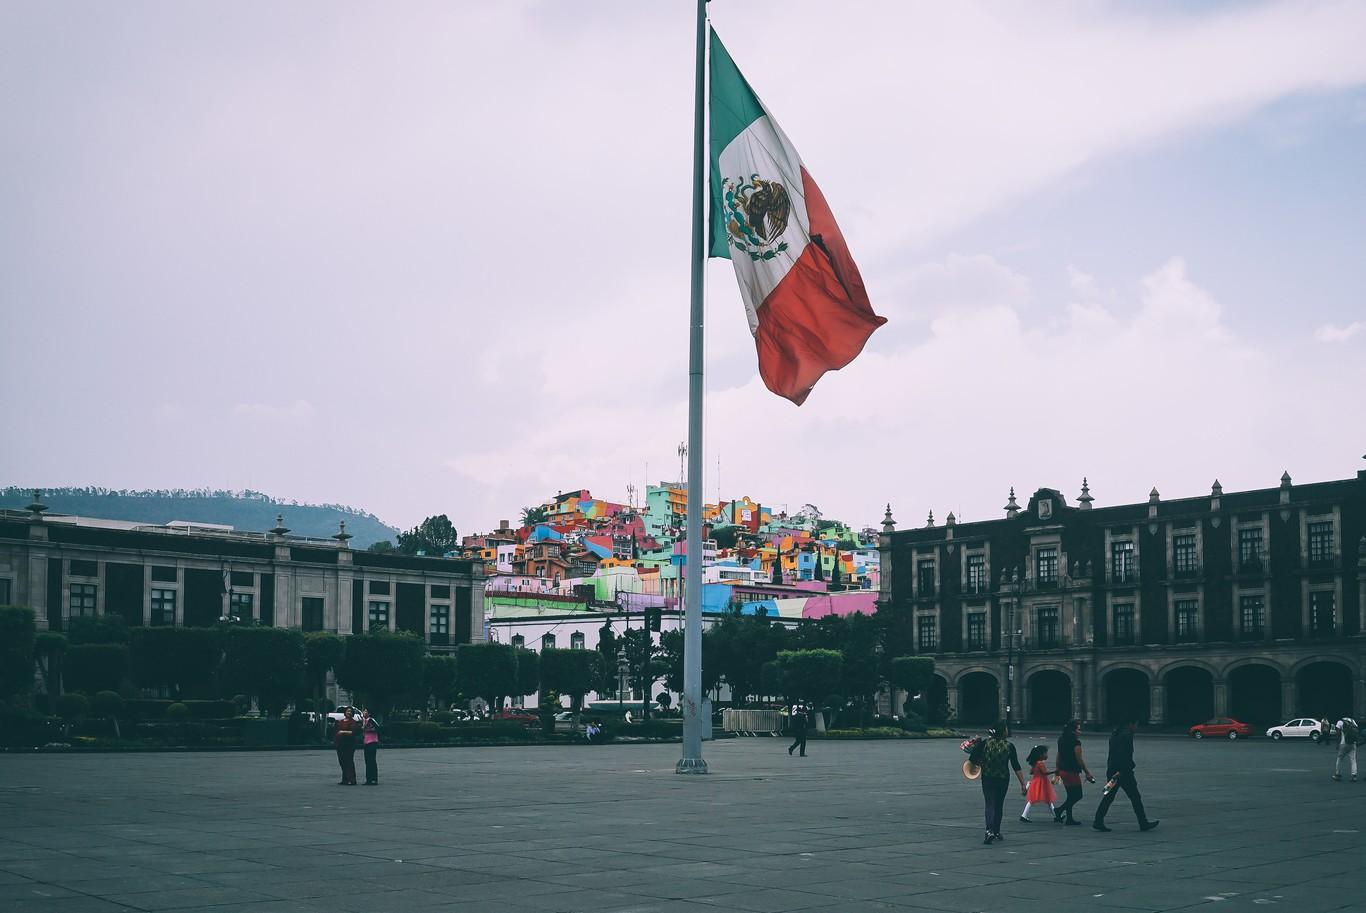 Por primera vez se usarán tablets para el censo de población de México de 2020: así llegan las encuestas...